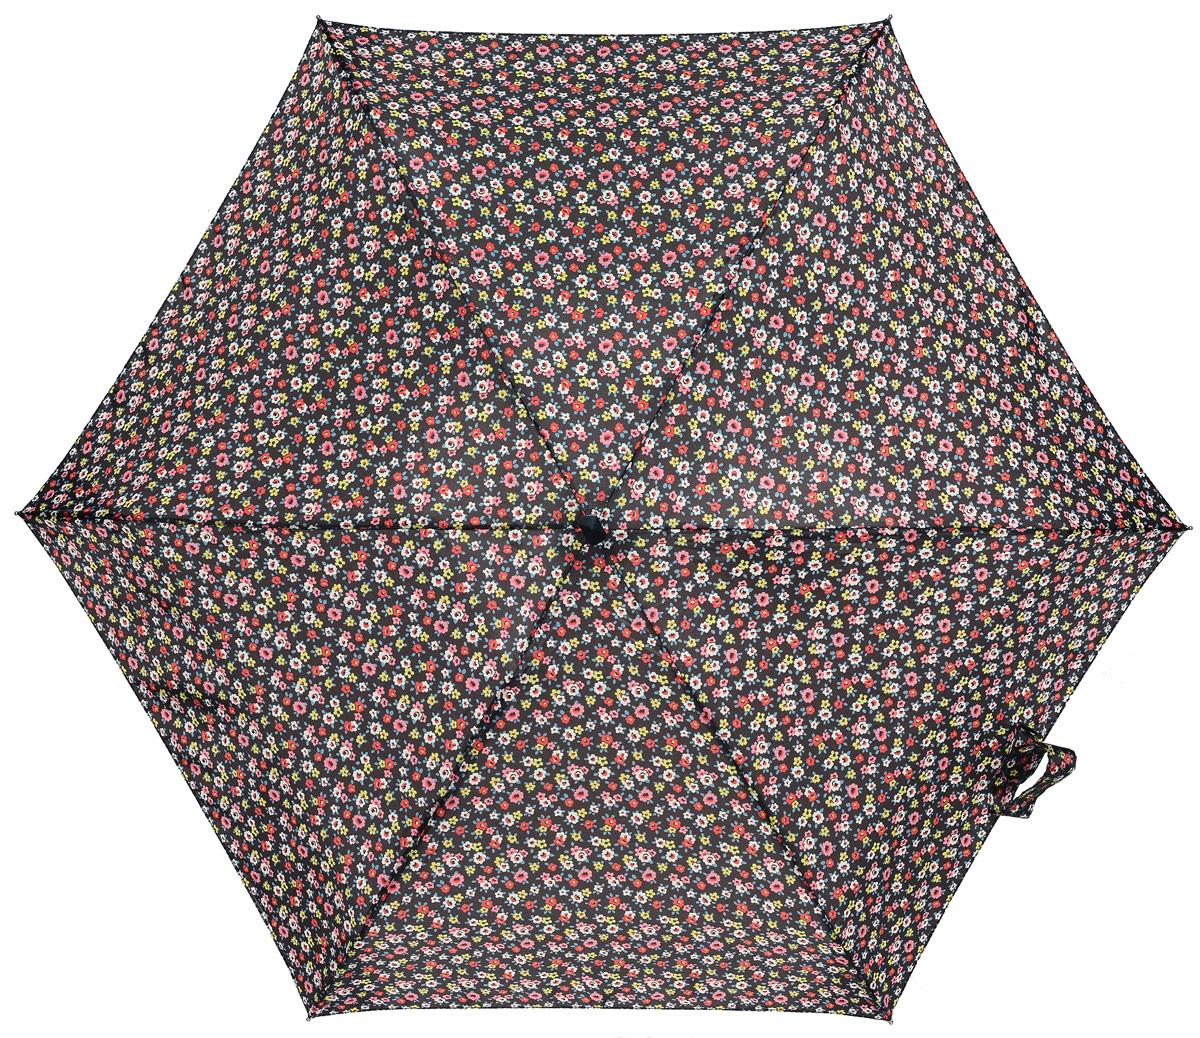 Зонт женский Fulton Cath Kidston, механический, 5 сложений, цвет: черный, мультиколор. L521-3059П300020005-20Компактный женский зонт Fulton выполнен из металла и пластика.Каркас зонта выполнен из шести спиц на прочном алюминиевом стержне. Купол зонта изготовлен из прочного полиэстера. Закрытый купол застегивается на хлястик с липучкой. Практичная рукоятка закругленной формы разработана с учетом требований эргономики и выполнена из натурального дерева.Зонт складывается и раскладывается механическим способом.Зонт дополнен легким плоским чехлом. Такая модель не только надежно защитит от дождя, но и станет стильным аксессуаром.